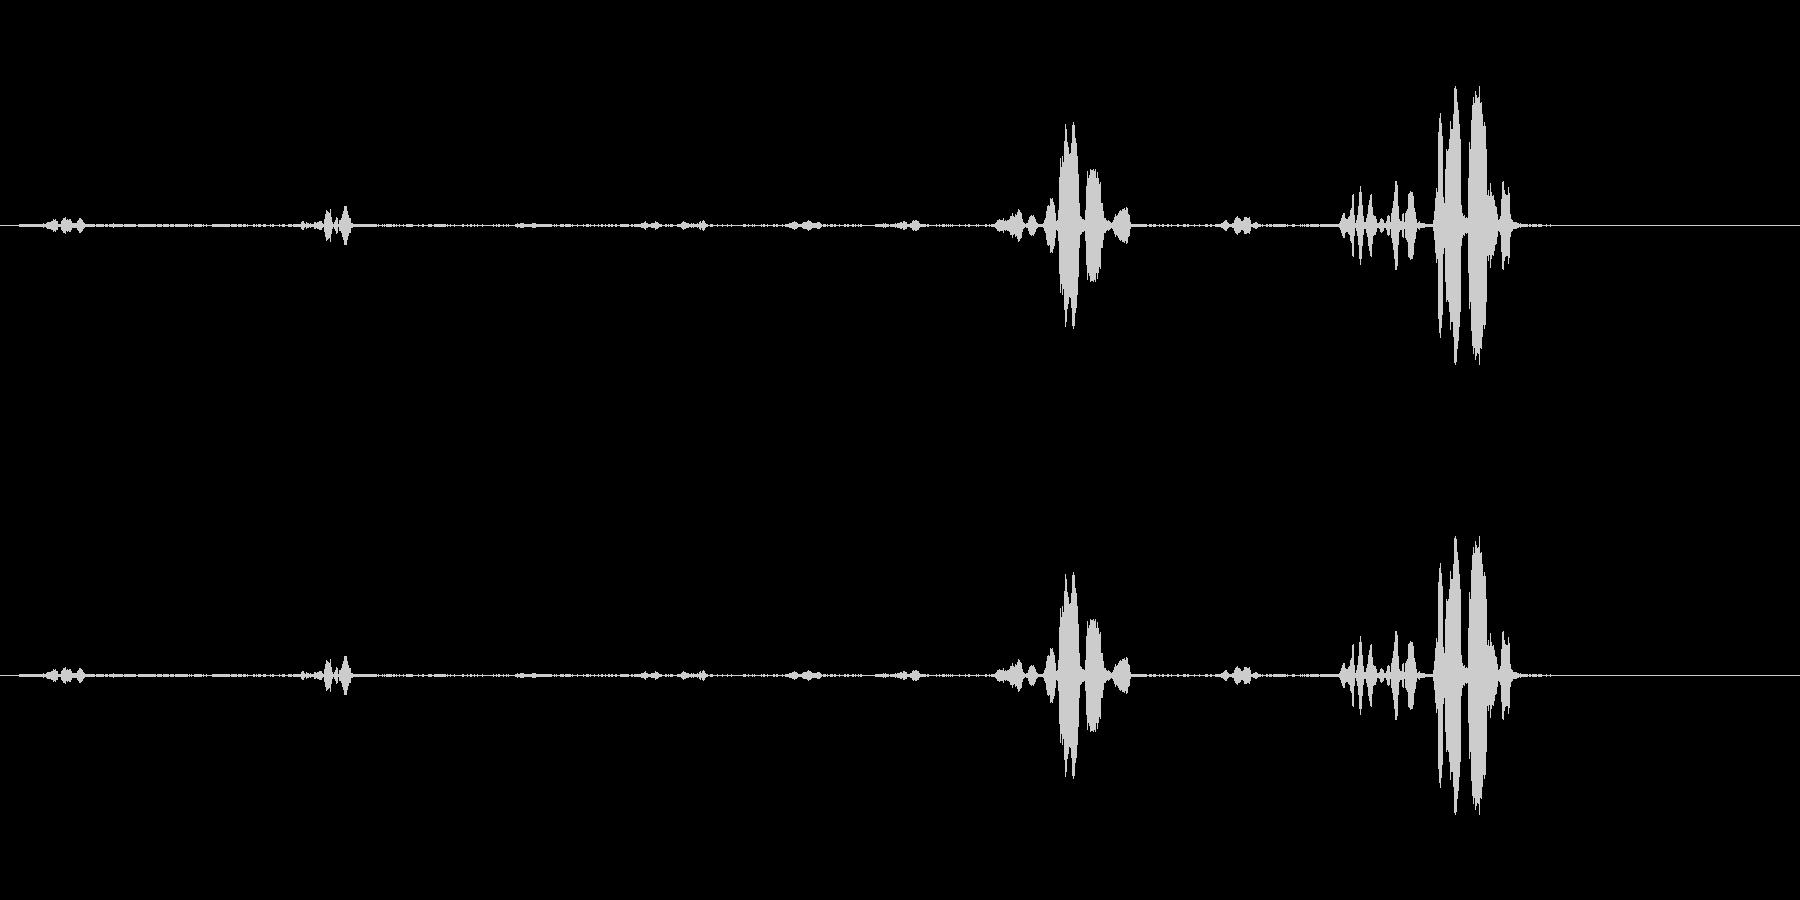 オウム-話す-スウェーデン語-鳥1の未再生の波形